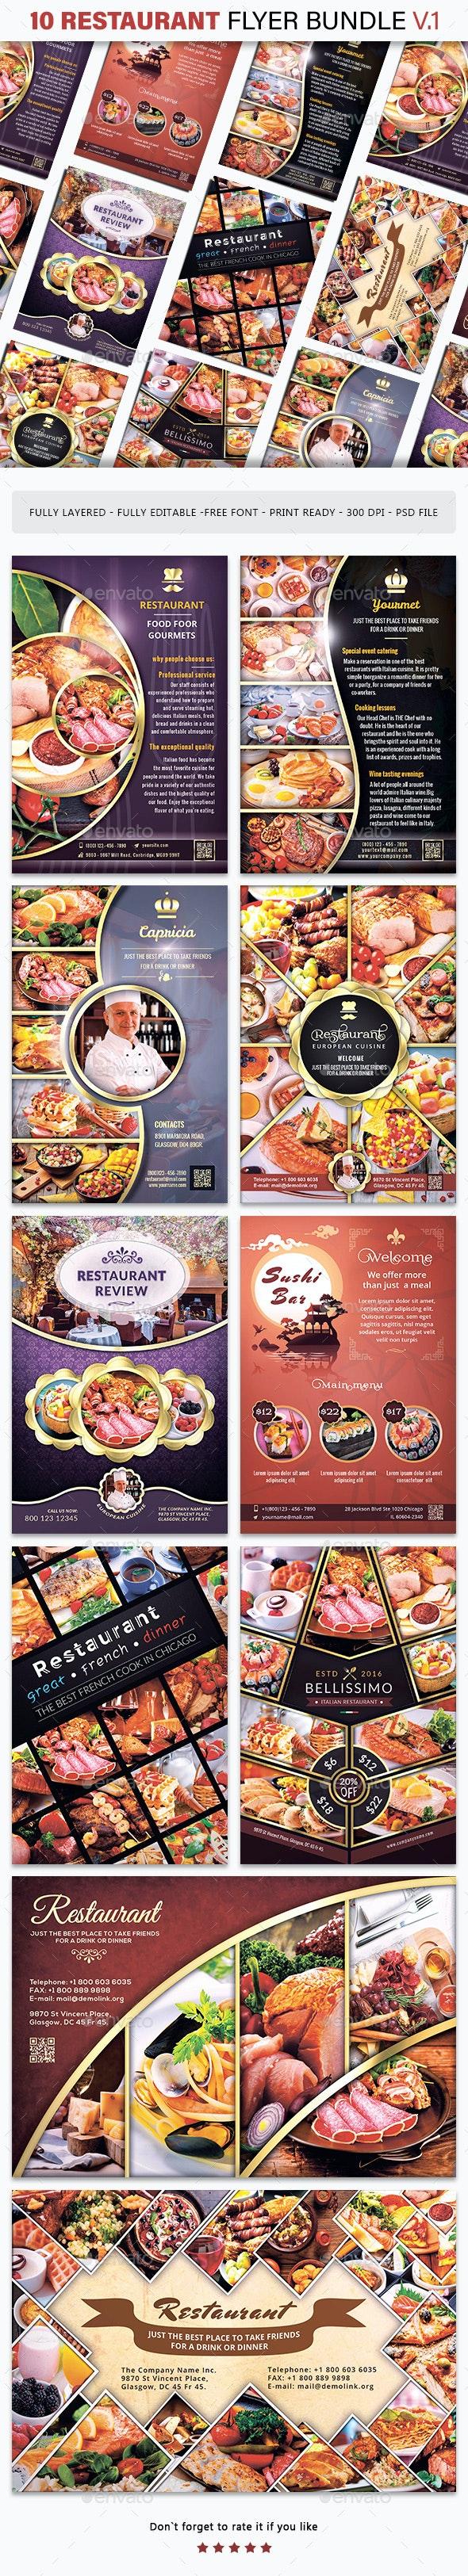 10 Restaurant Flyer Bundle - v.1 - Restaurant Flyers